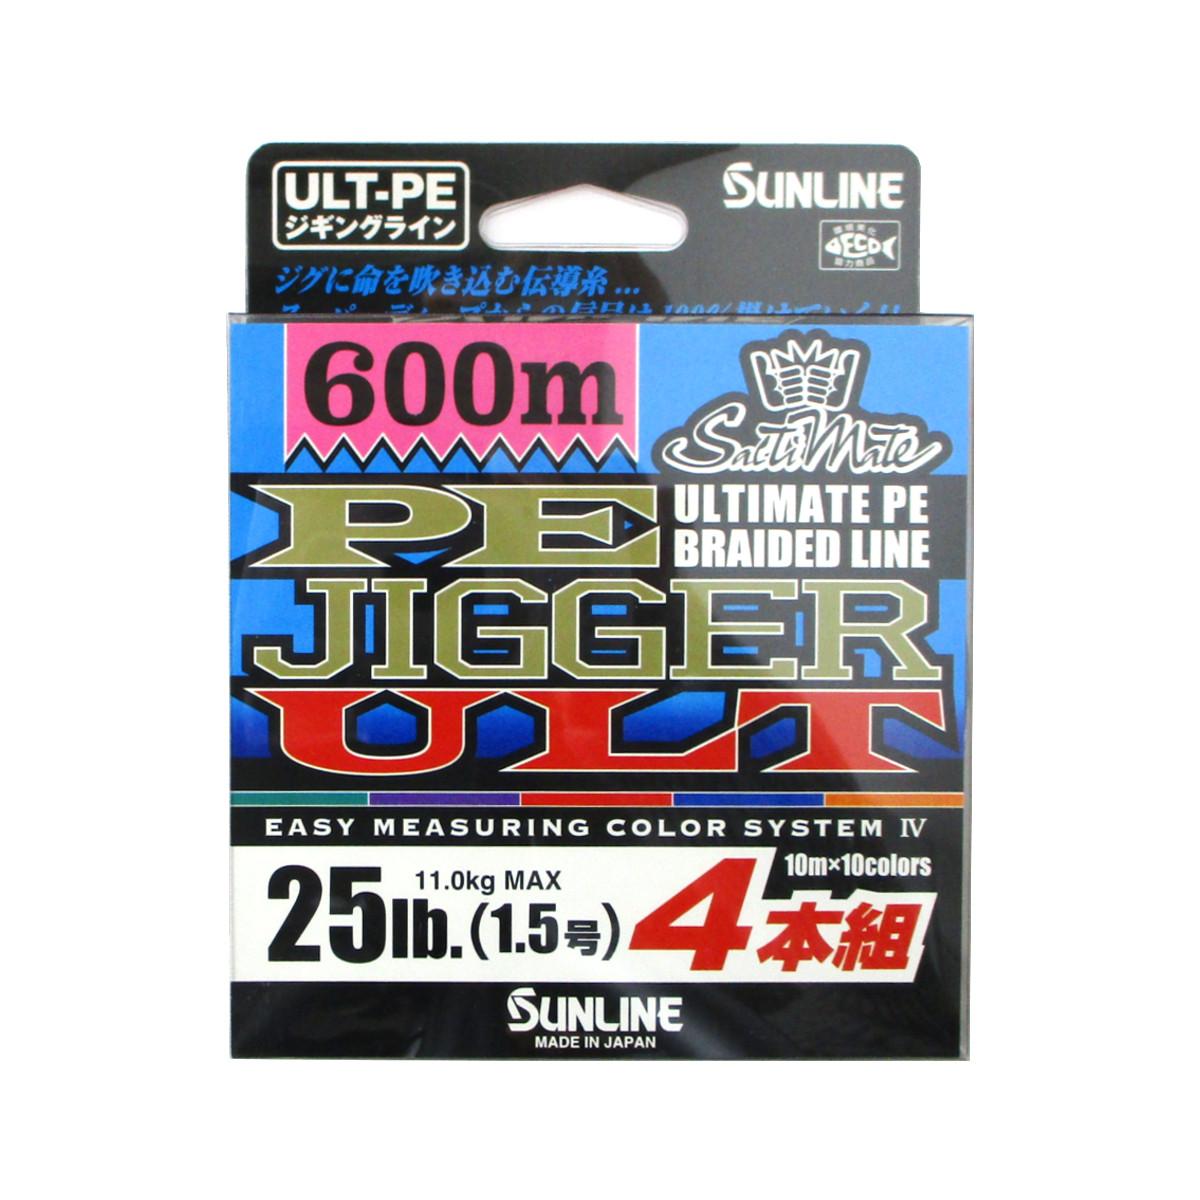 【8月30日エントリーで最大P36倍!】サンライン ソルティメイト PE JIGGER ULT 4本組 600m 1.5号【ゆうパケット】